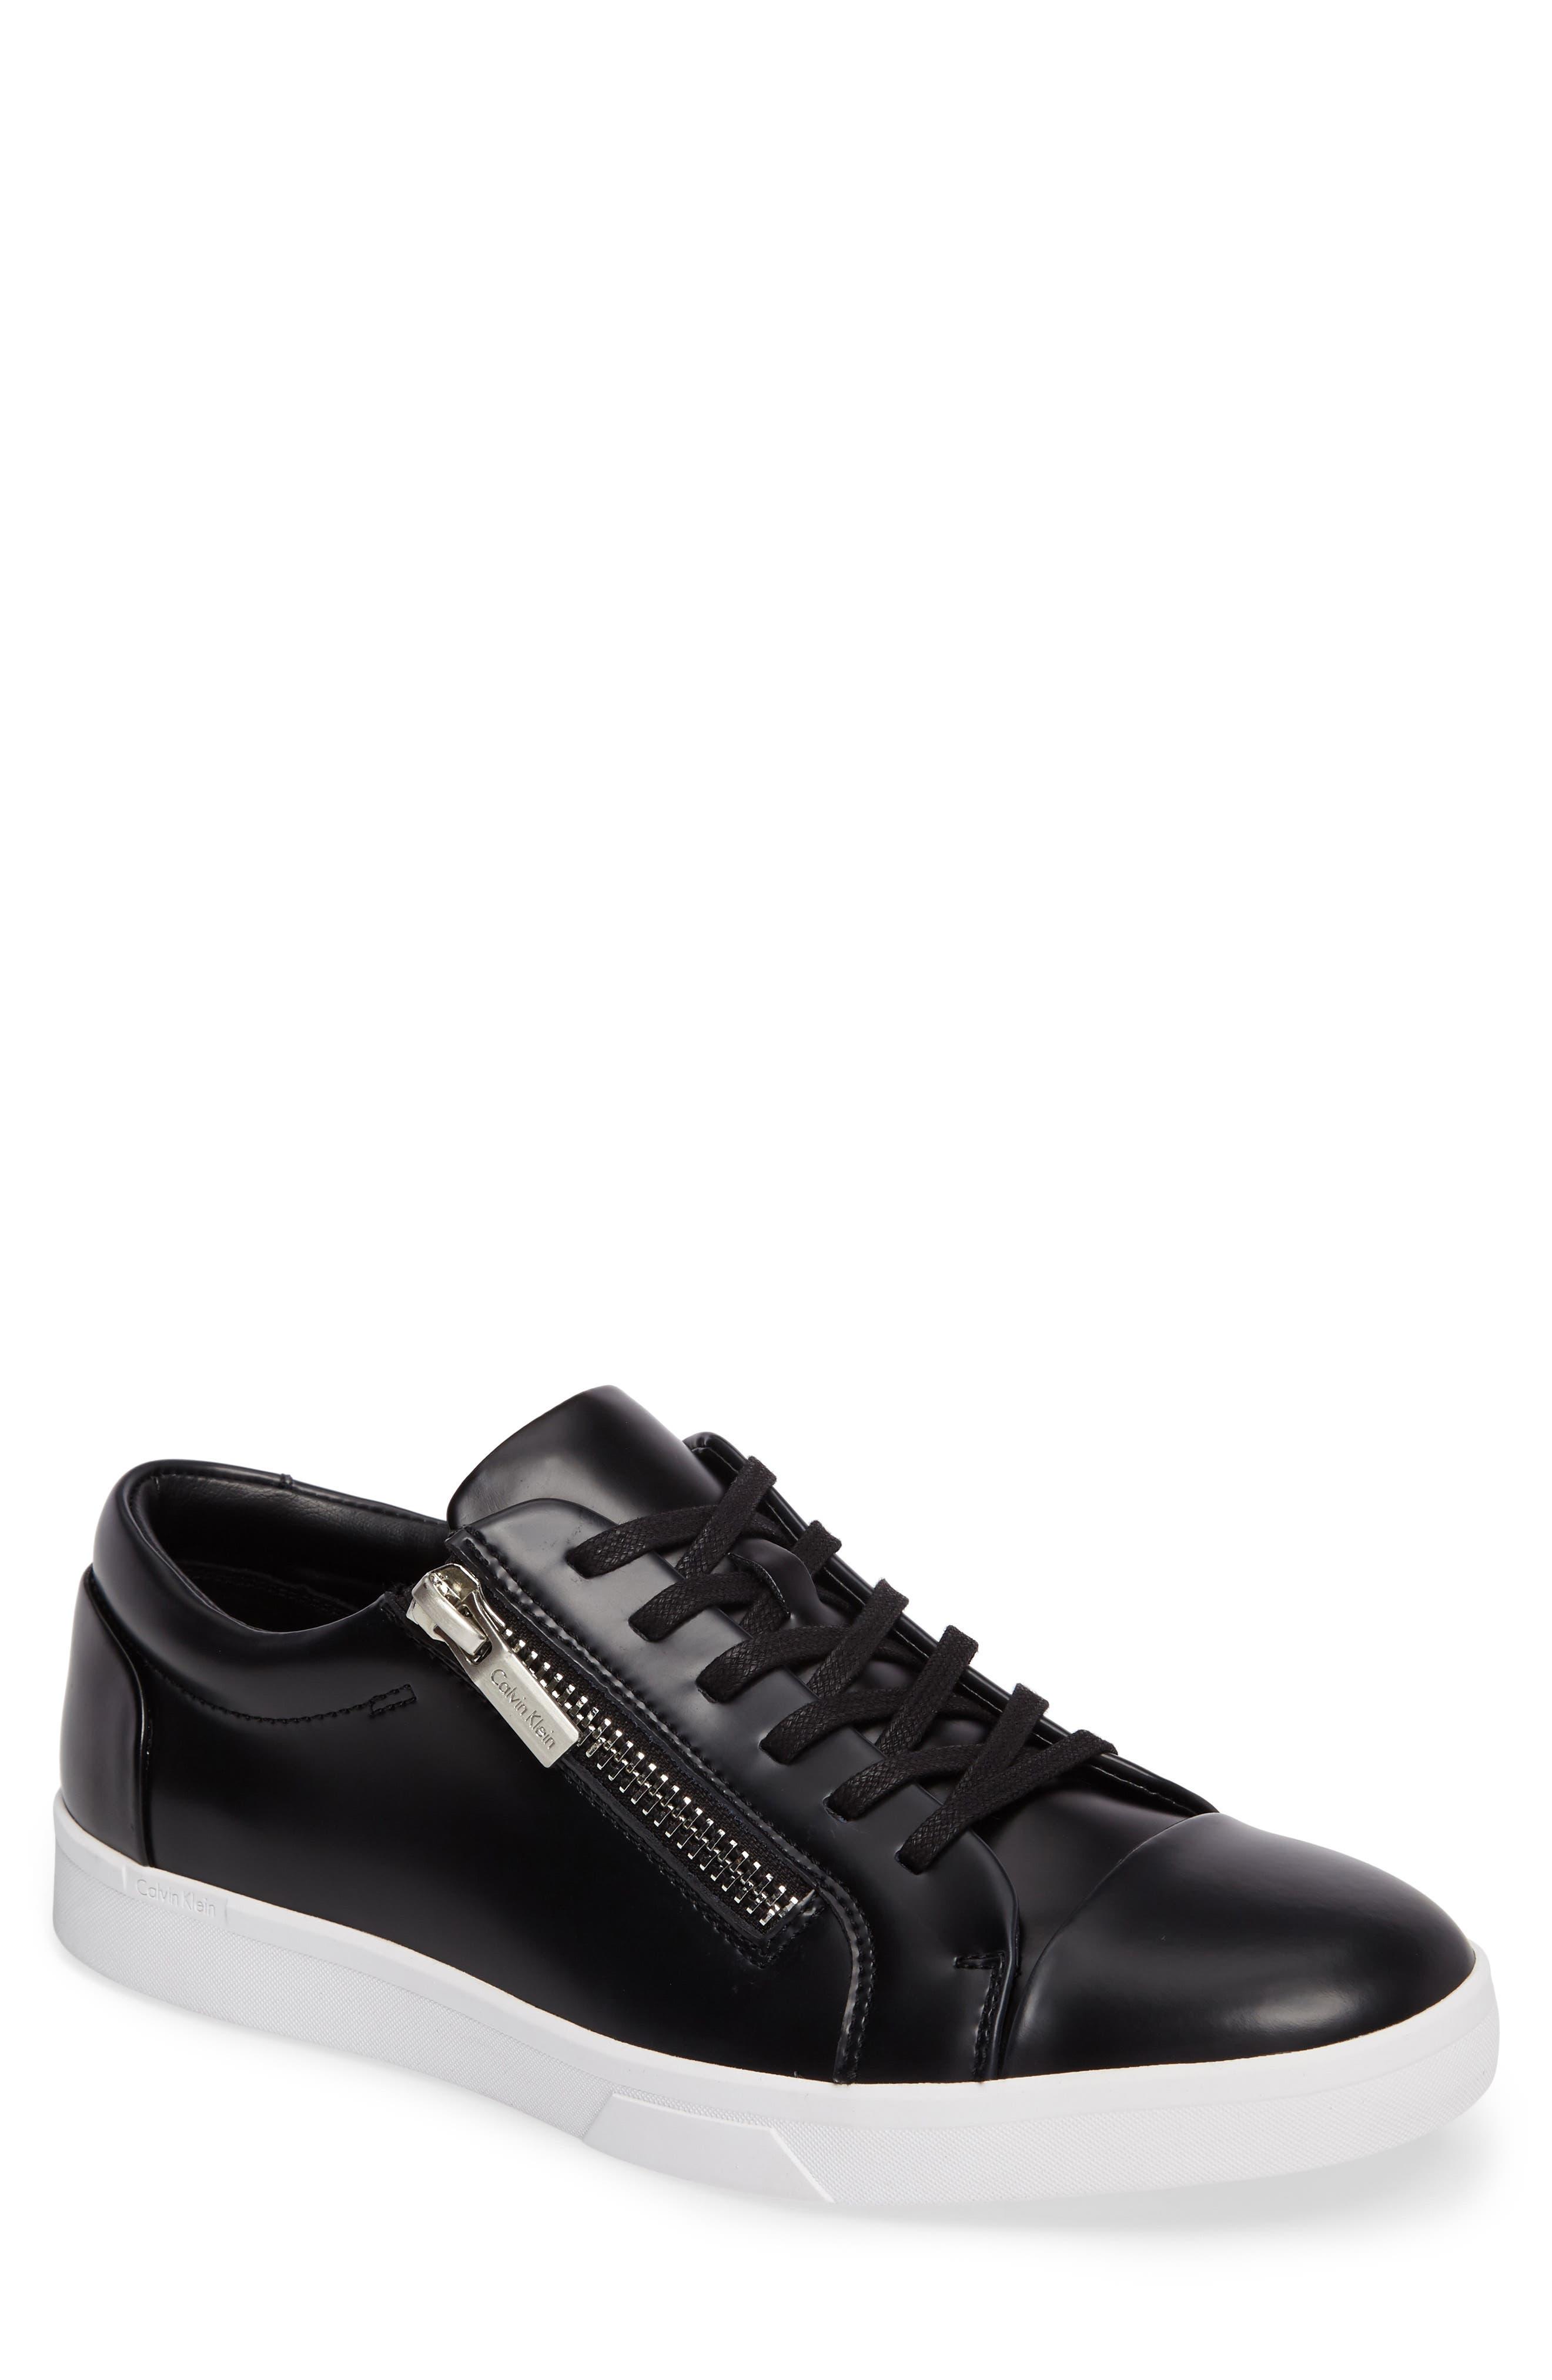 Ibrahim Cap-Toe Zip Sneaker,                         Main,                         color, 001